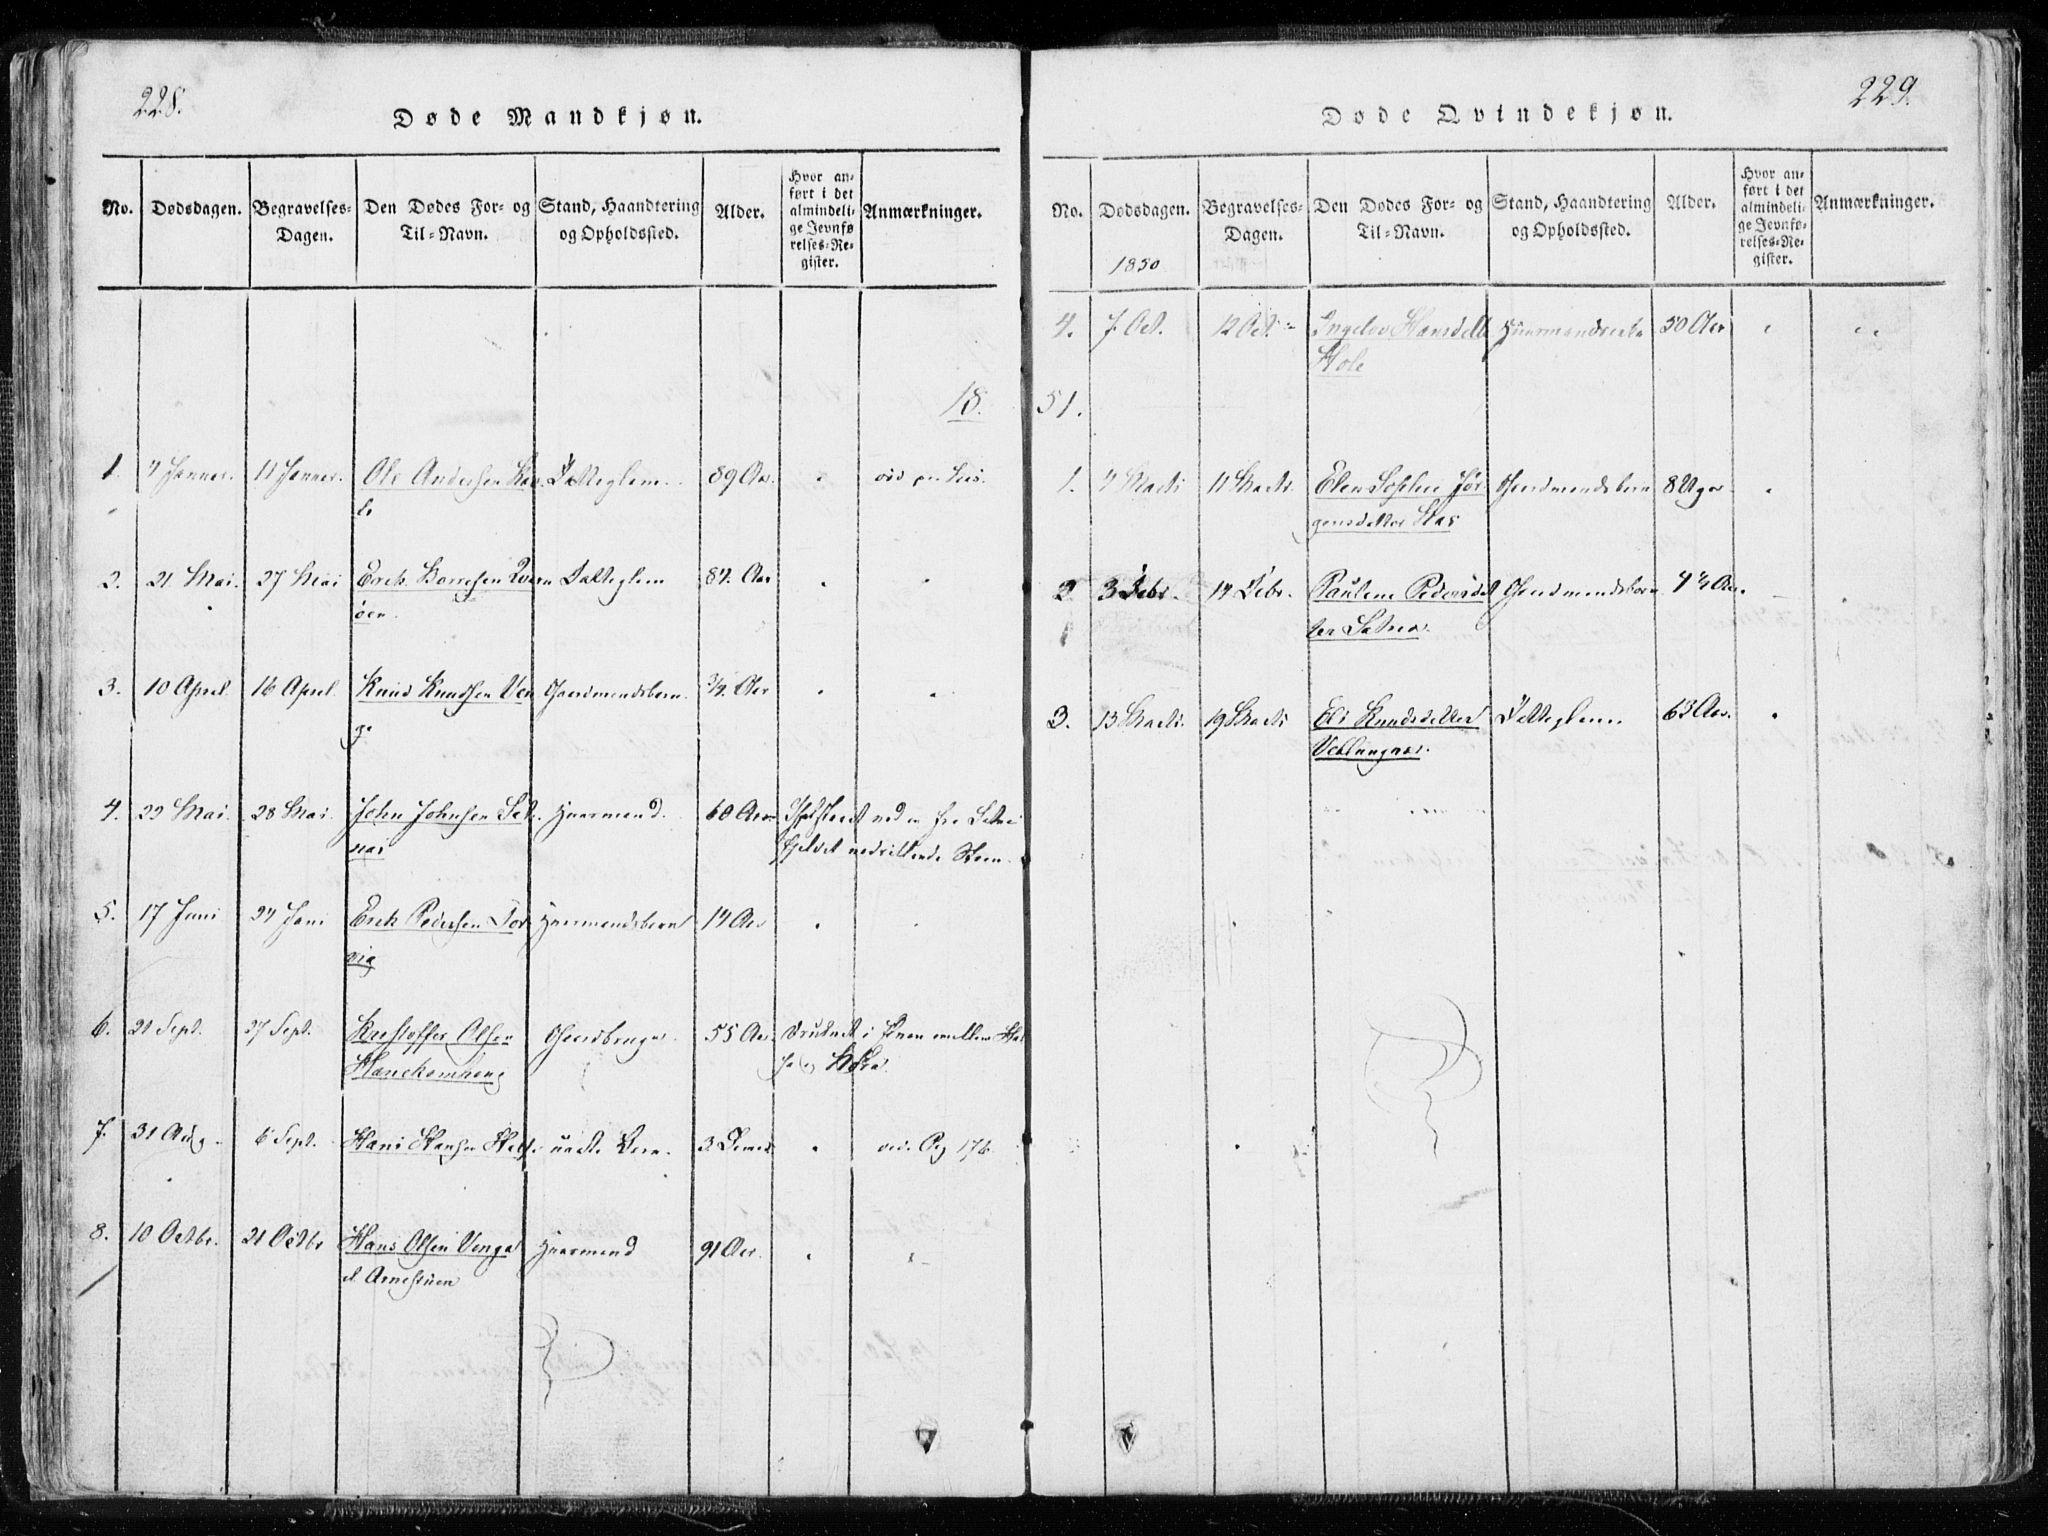 SAT, Ministerialprotokoller, klokkerbøker og fødselsregistre - Møre og Romsdal, 544/L0571: Ministerialbok nr. 544A04, 1818-1853, s. 228-229